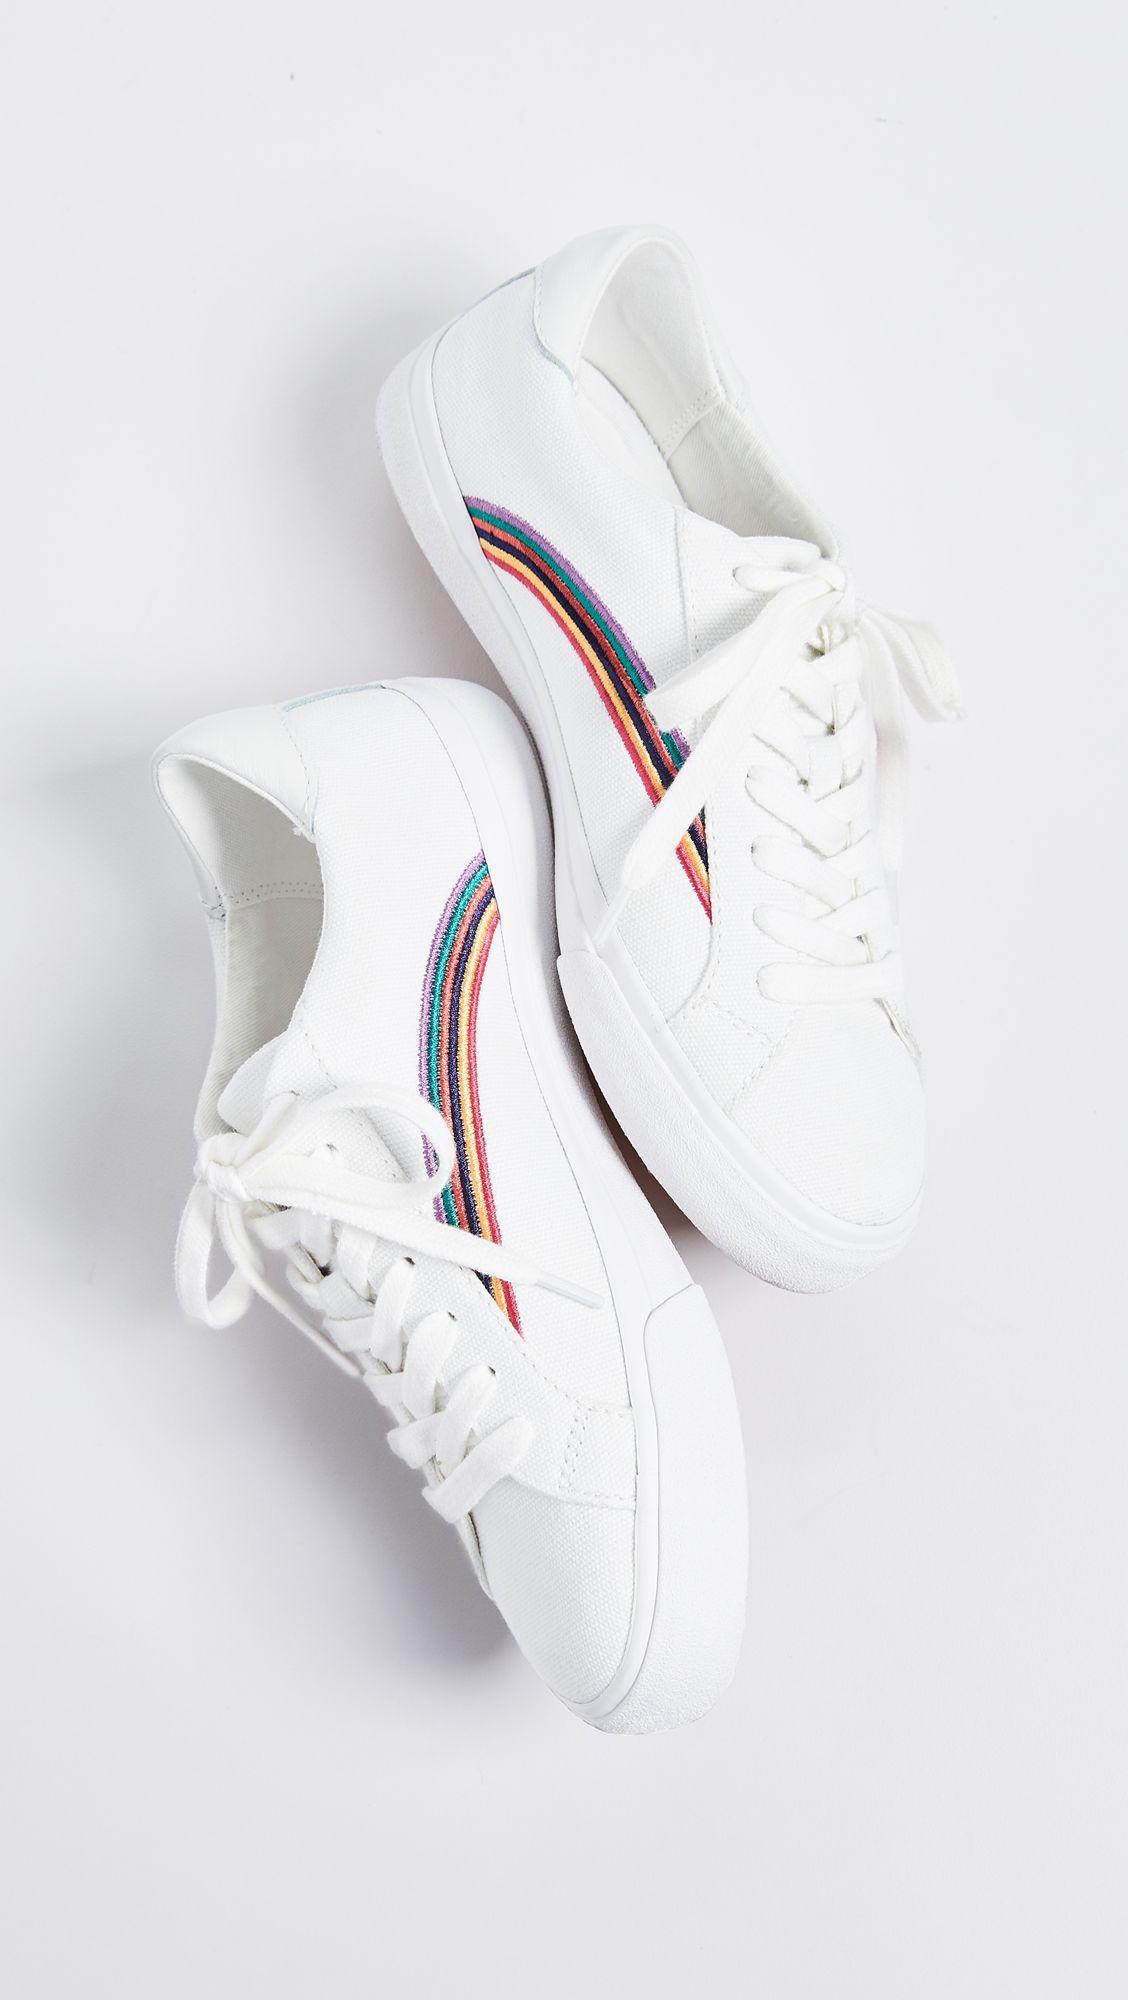 s Sidewalk Low-Top Sneakers in Rainbow